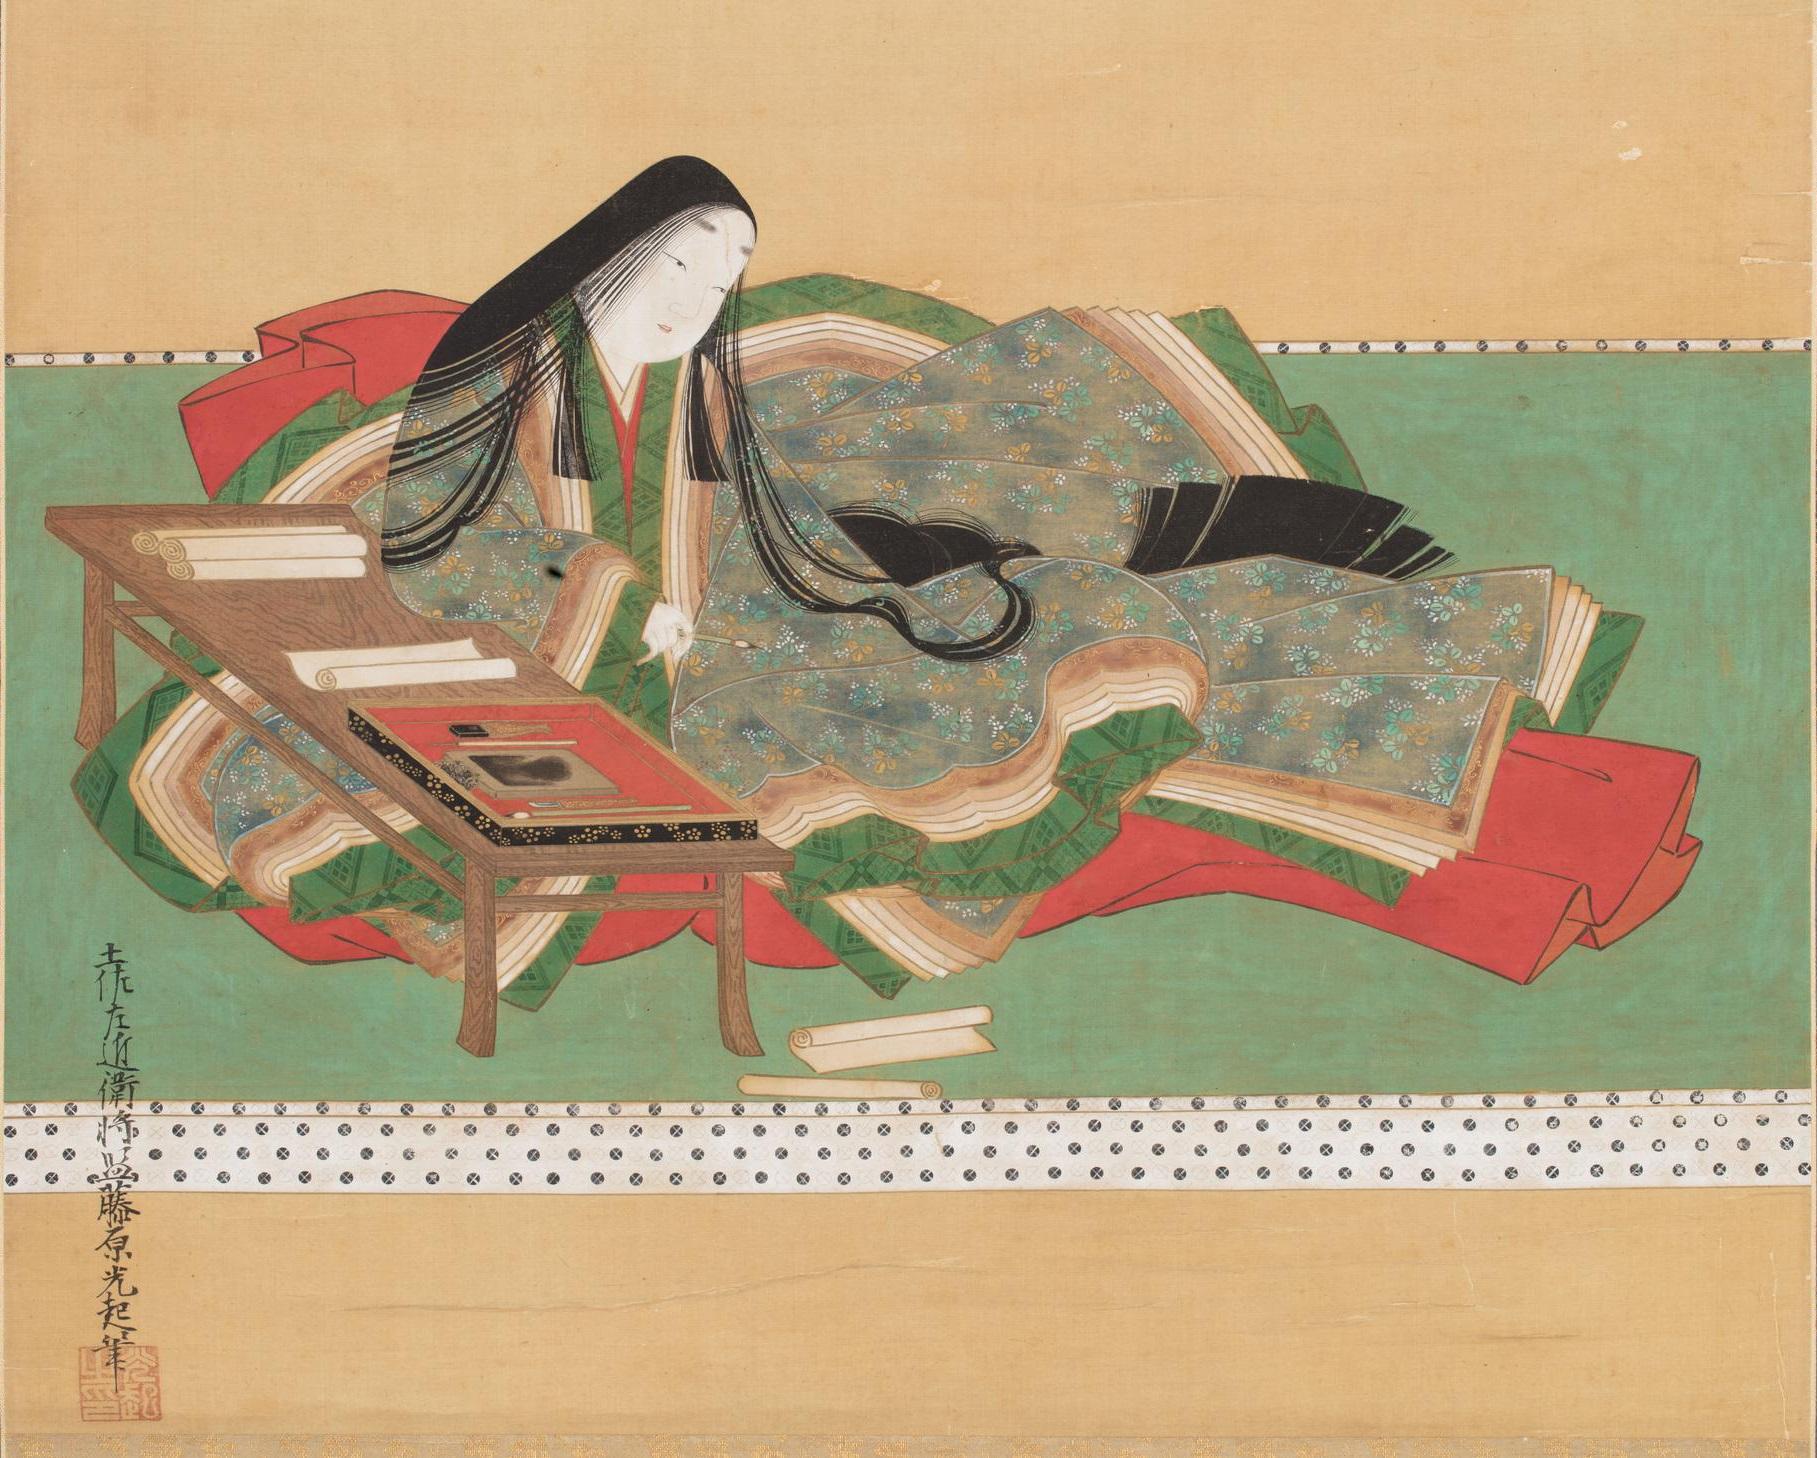 Tosa Mitsuoki 001